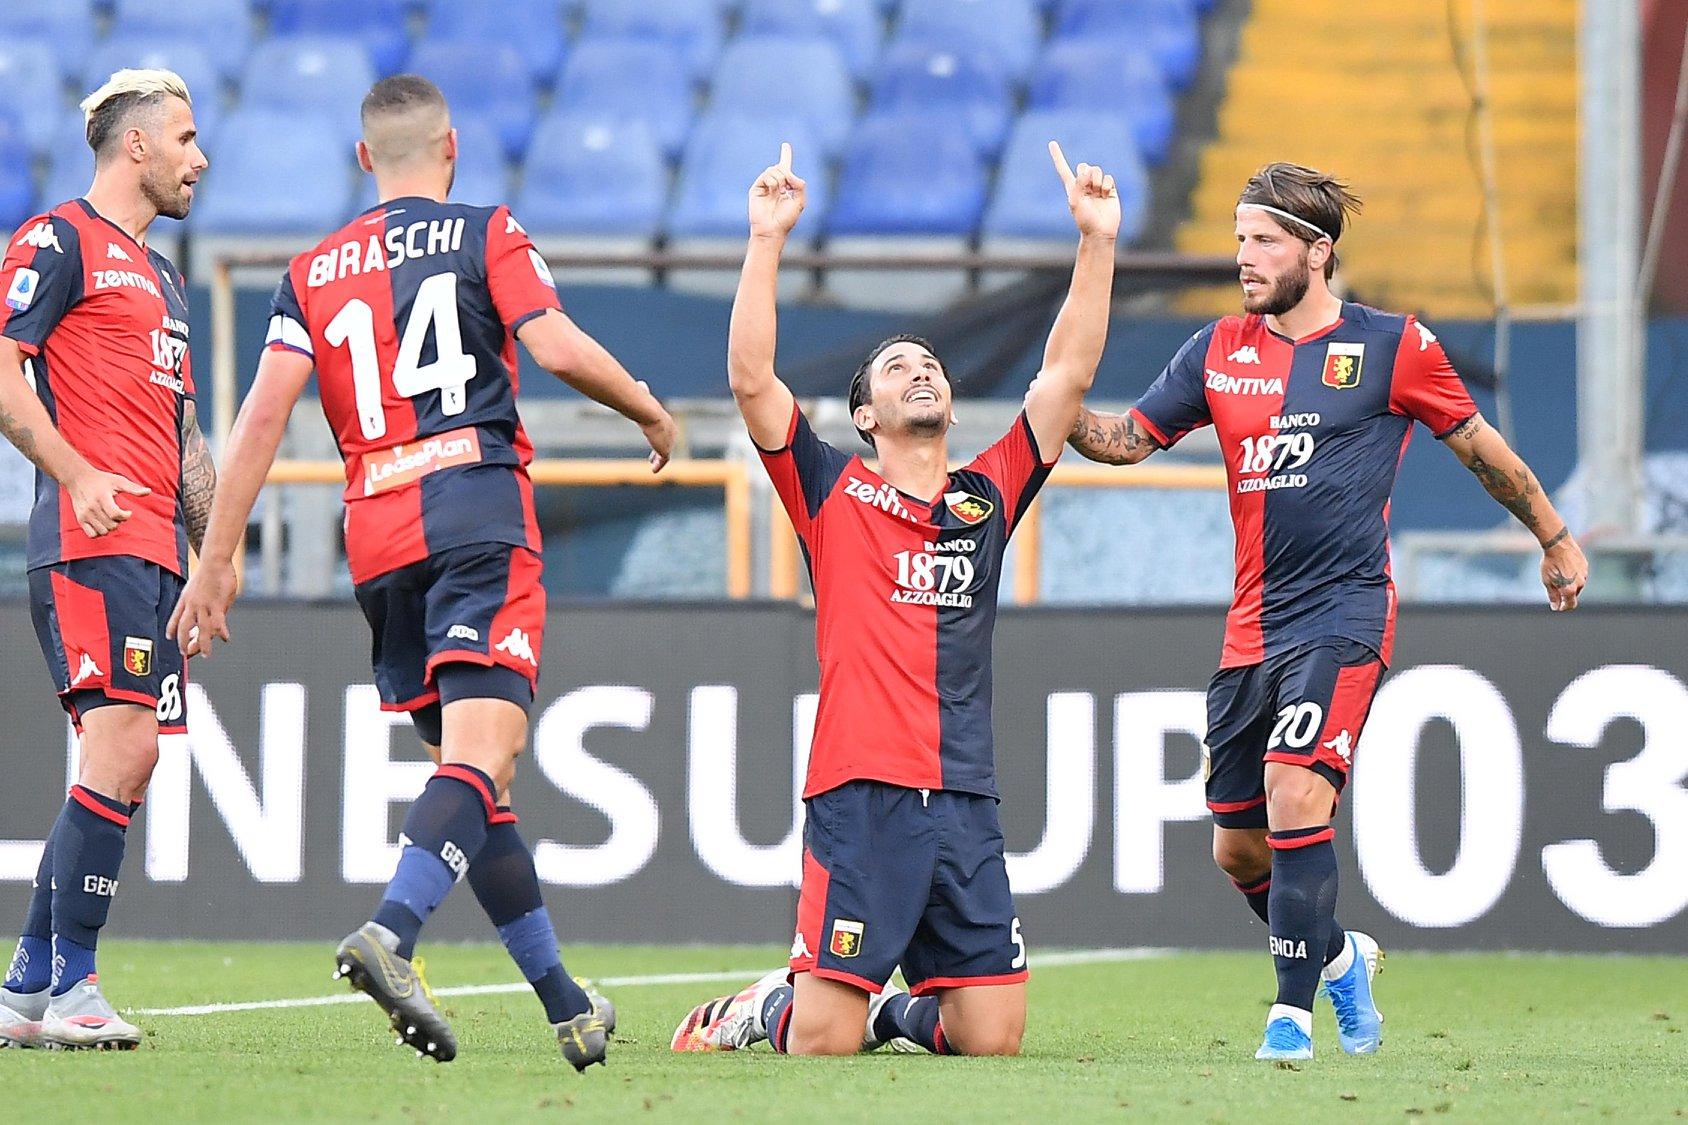 Goldaniga Genoa Biraschi